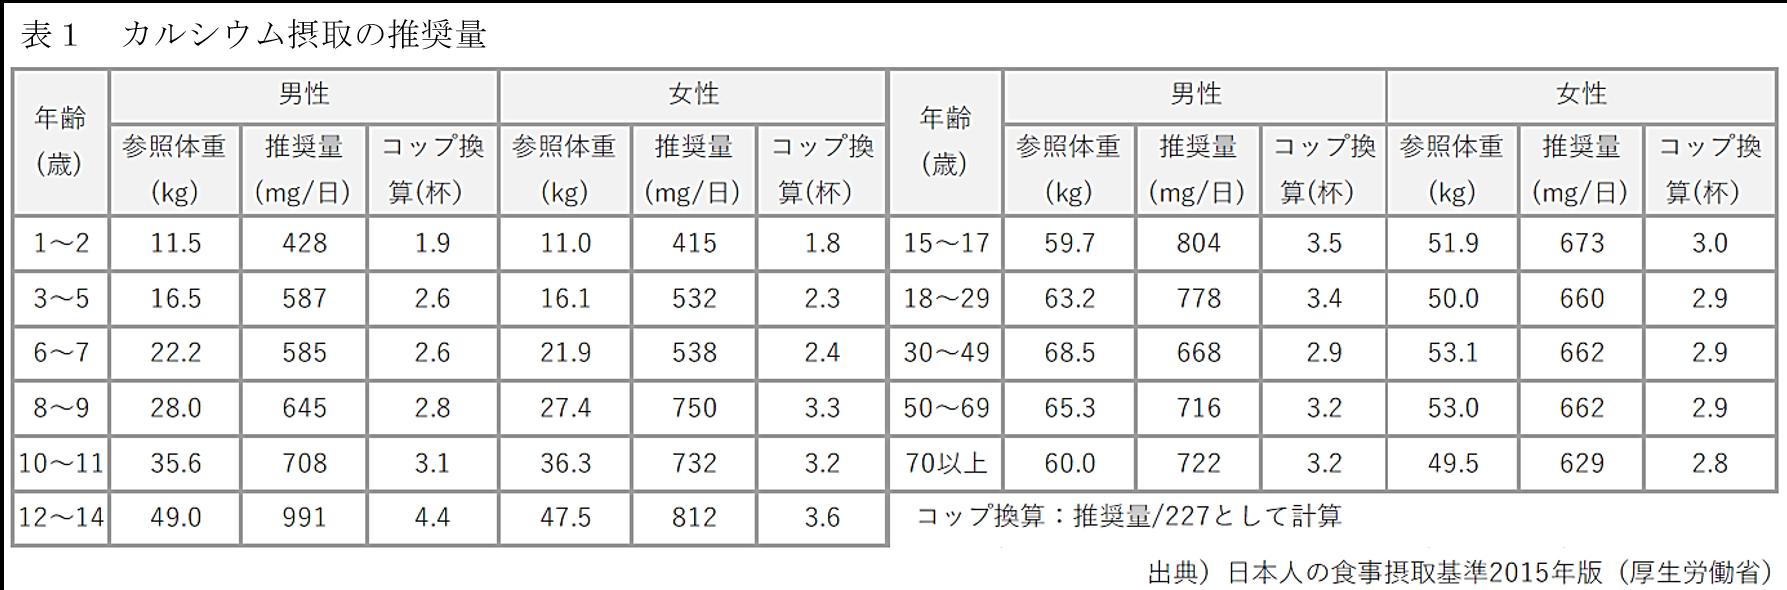 牛乳の栄養的特性と摂取効果について